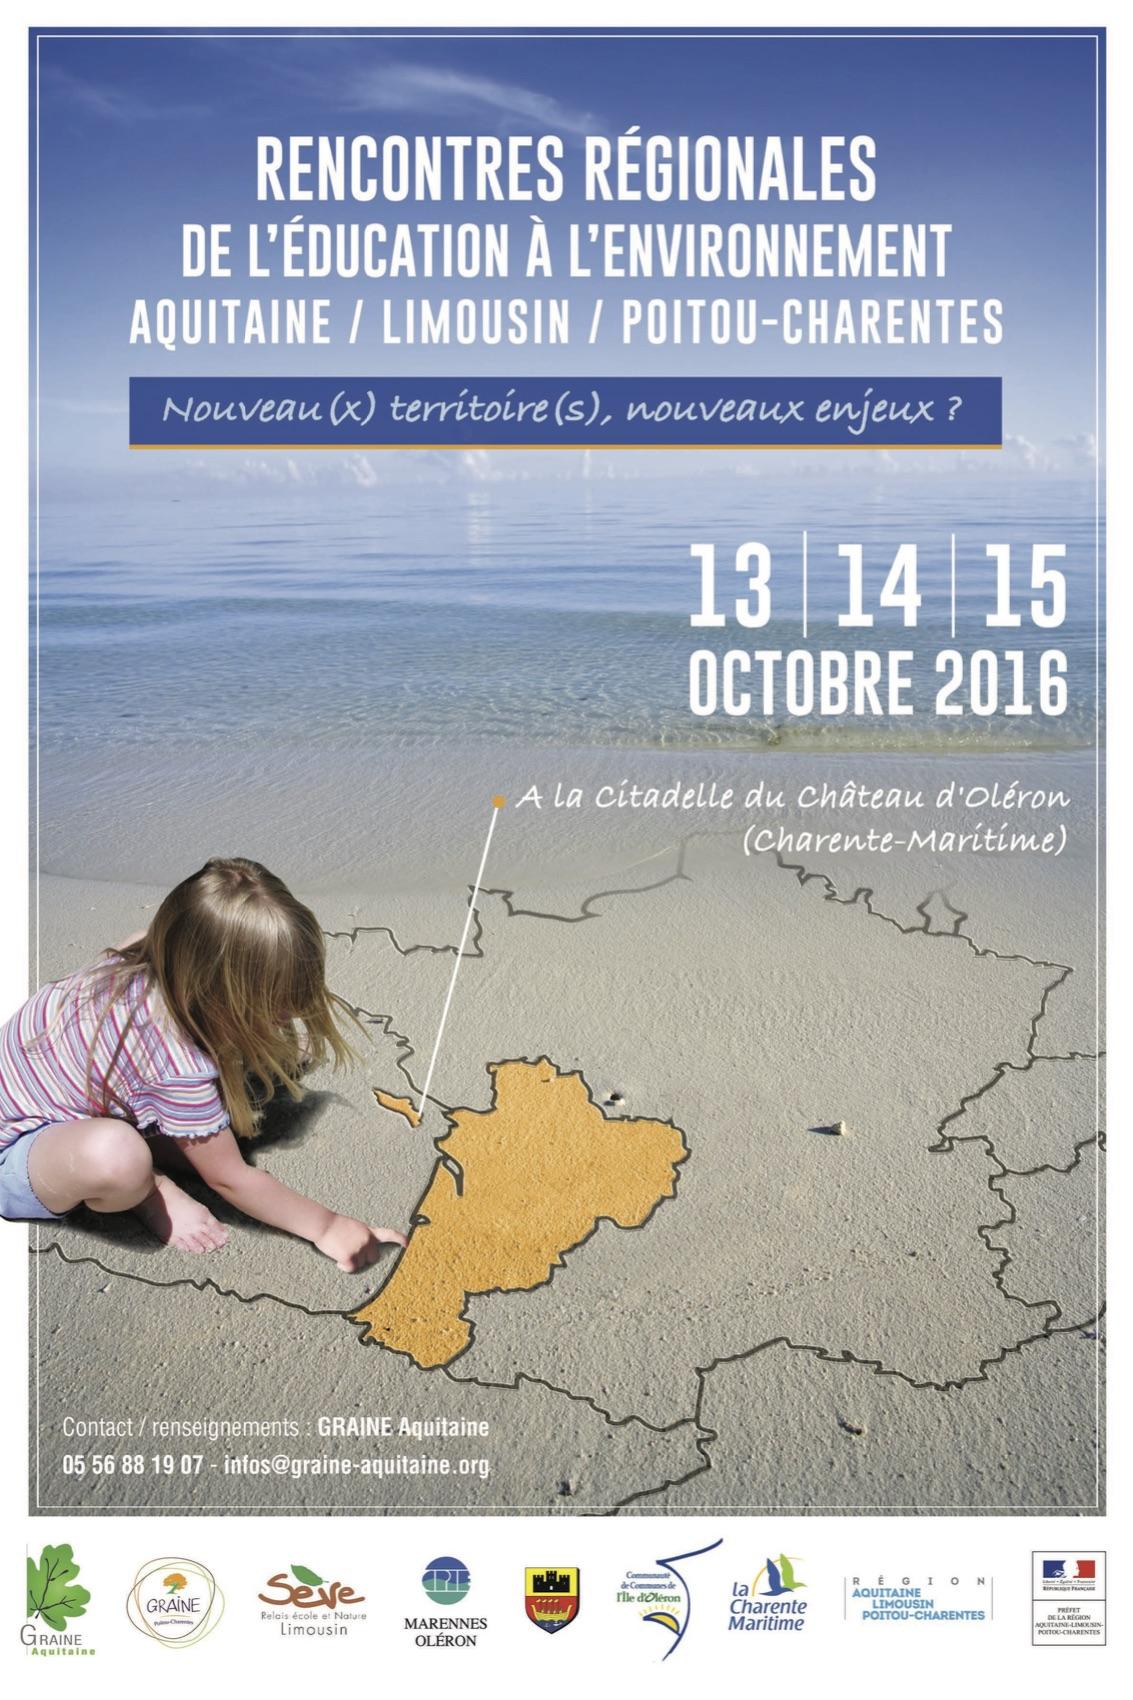 Rencontres régionales de l'éducation à l'environnement Aquitaine / Limousin / Poitou-Charentes